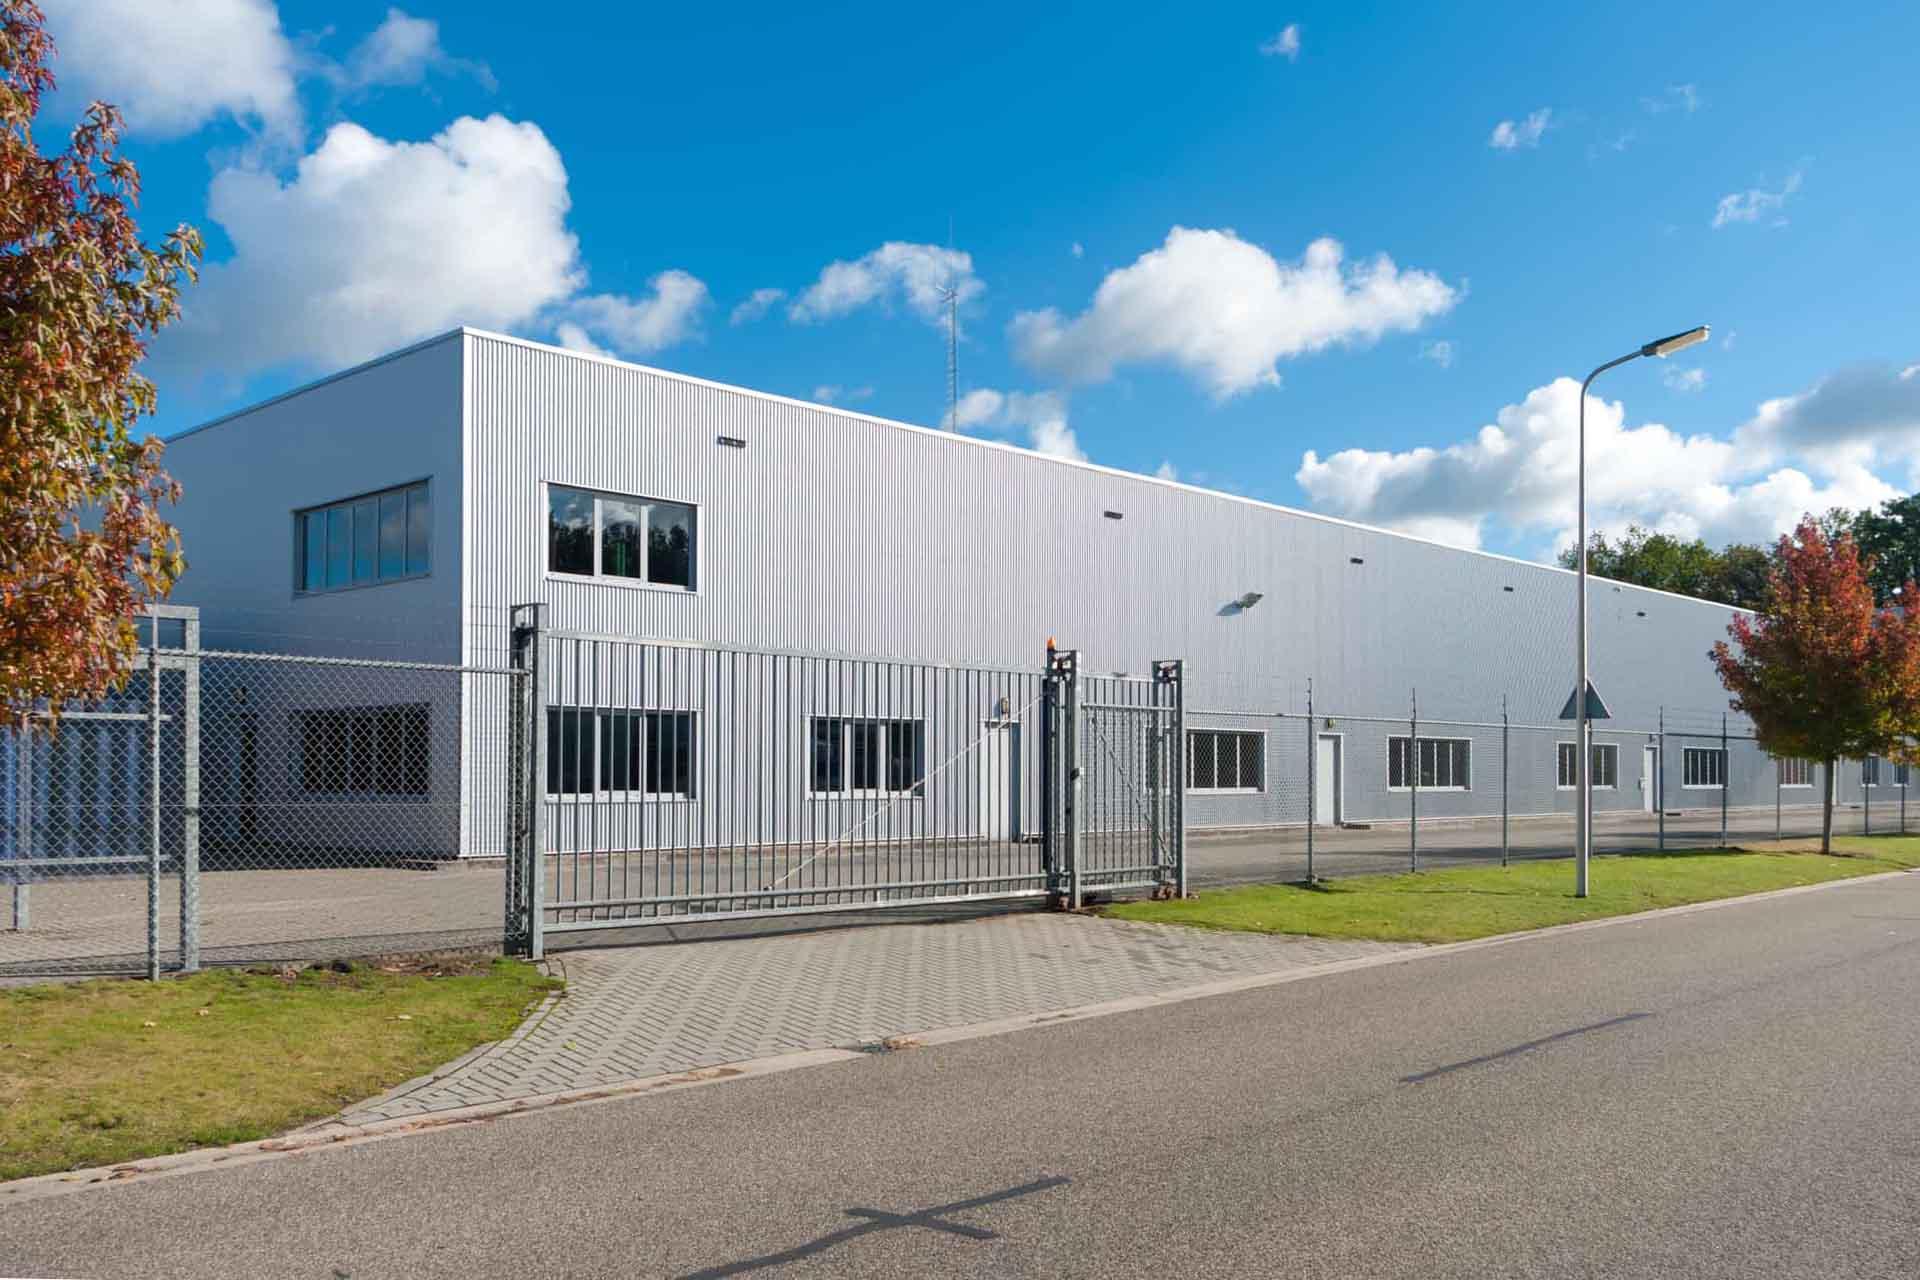 Investire in un capannone industriale: perchè conviene